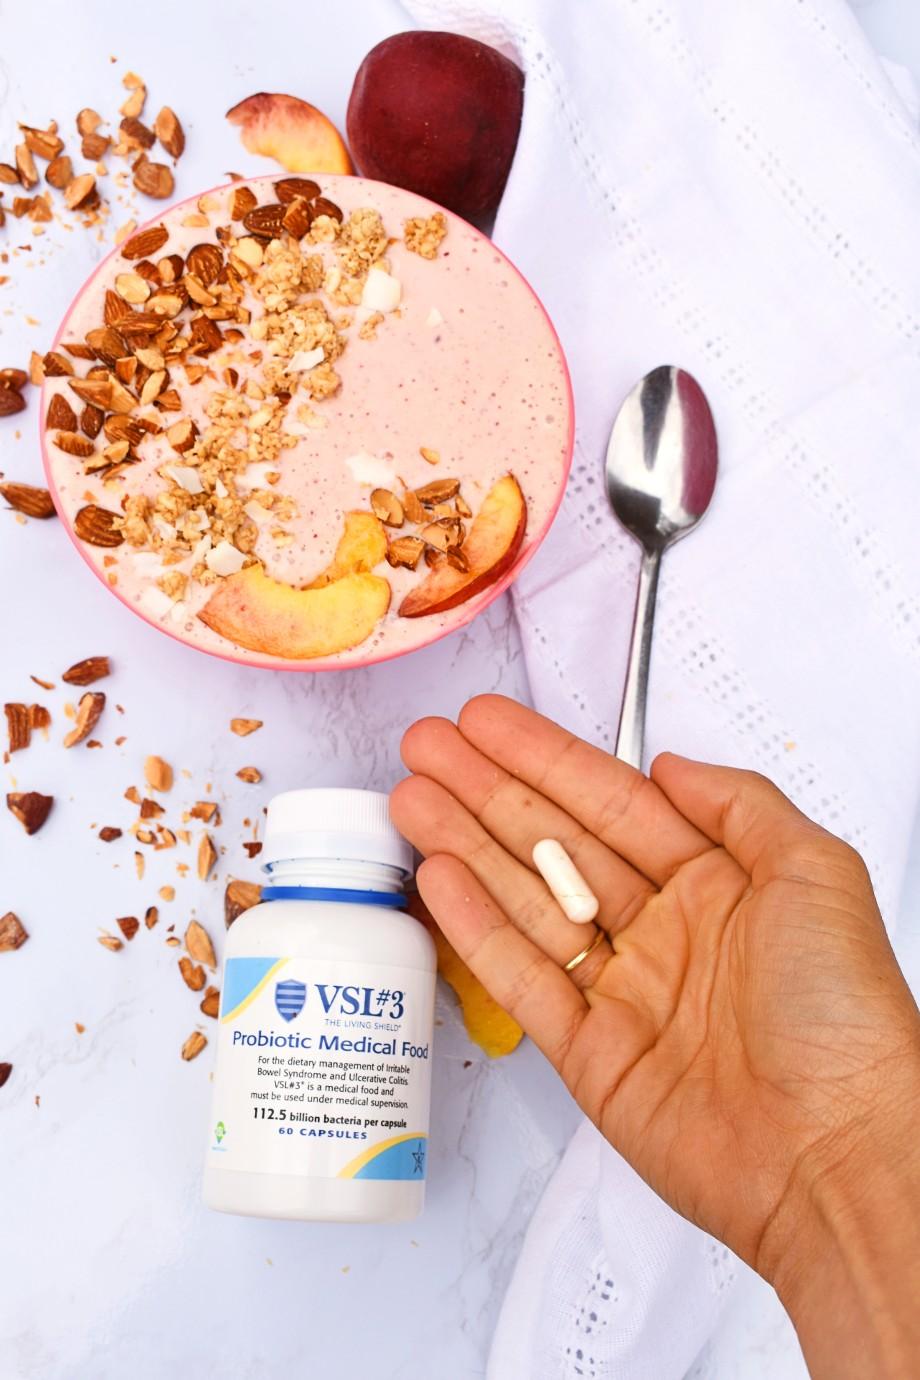 VSL#3 Probiotic